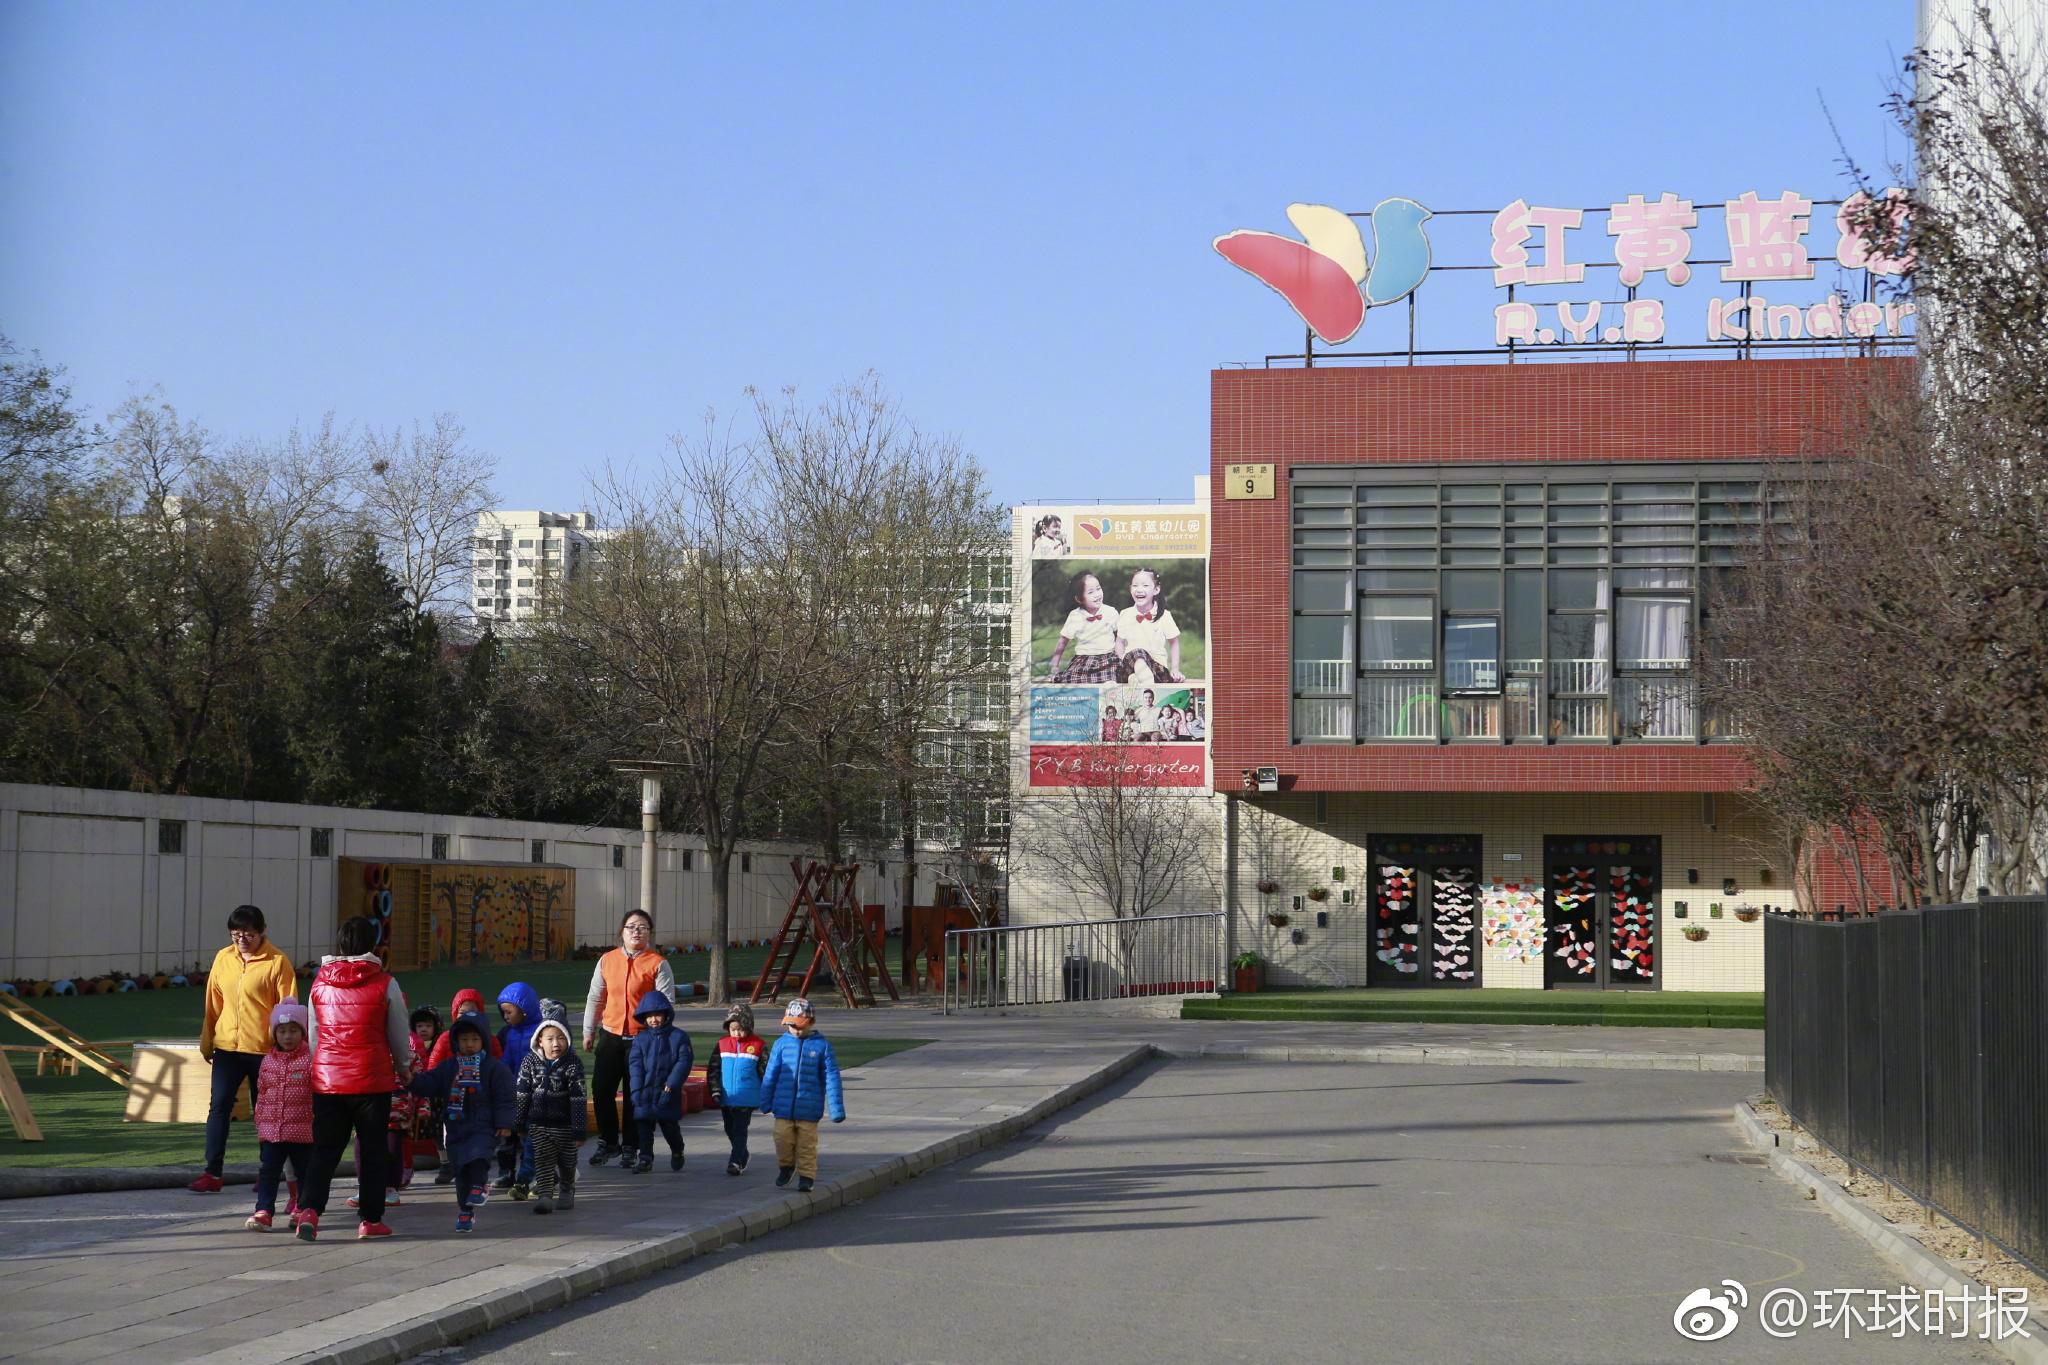 北京红黄蓝幼儿园虐童案件最新进展:朝阳区教委介入调查